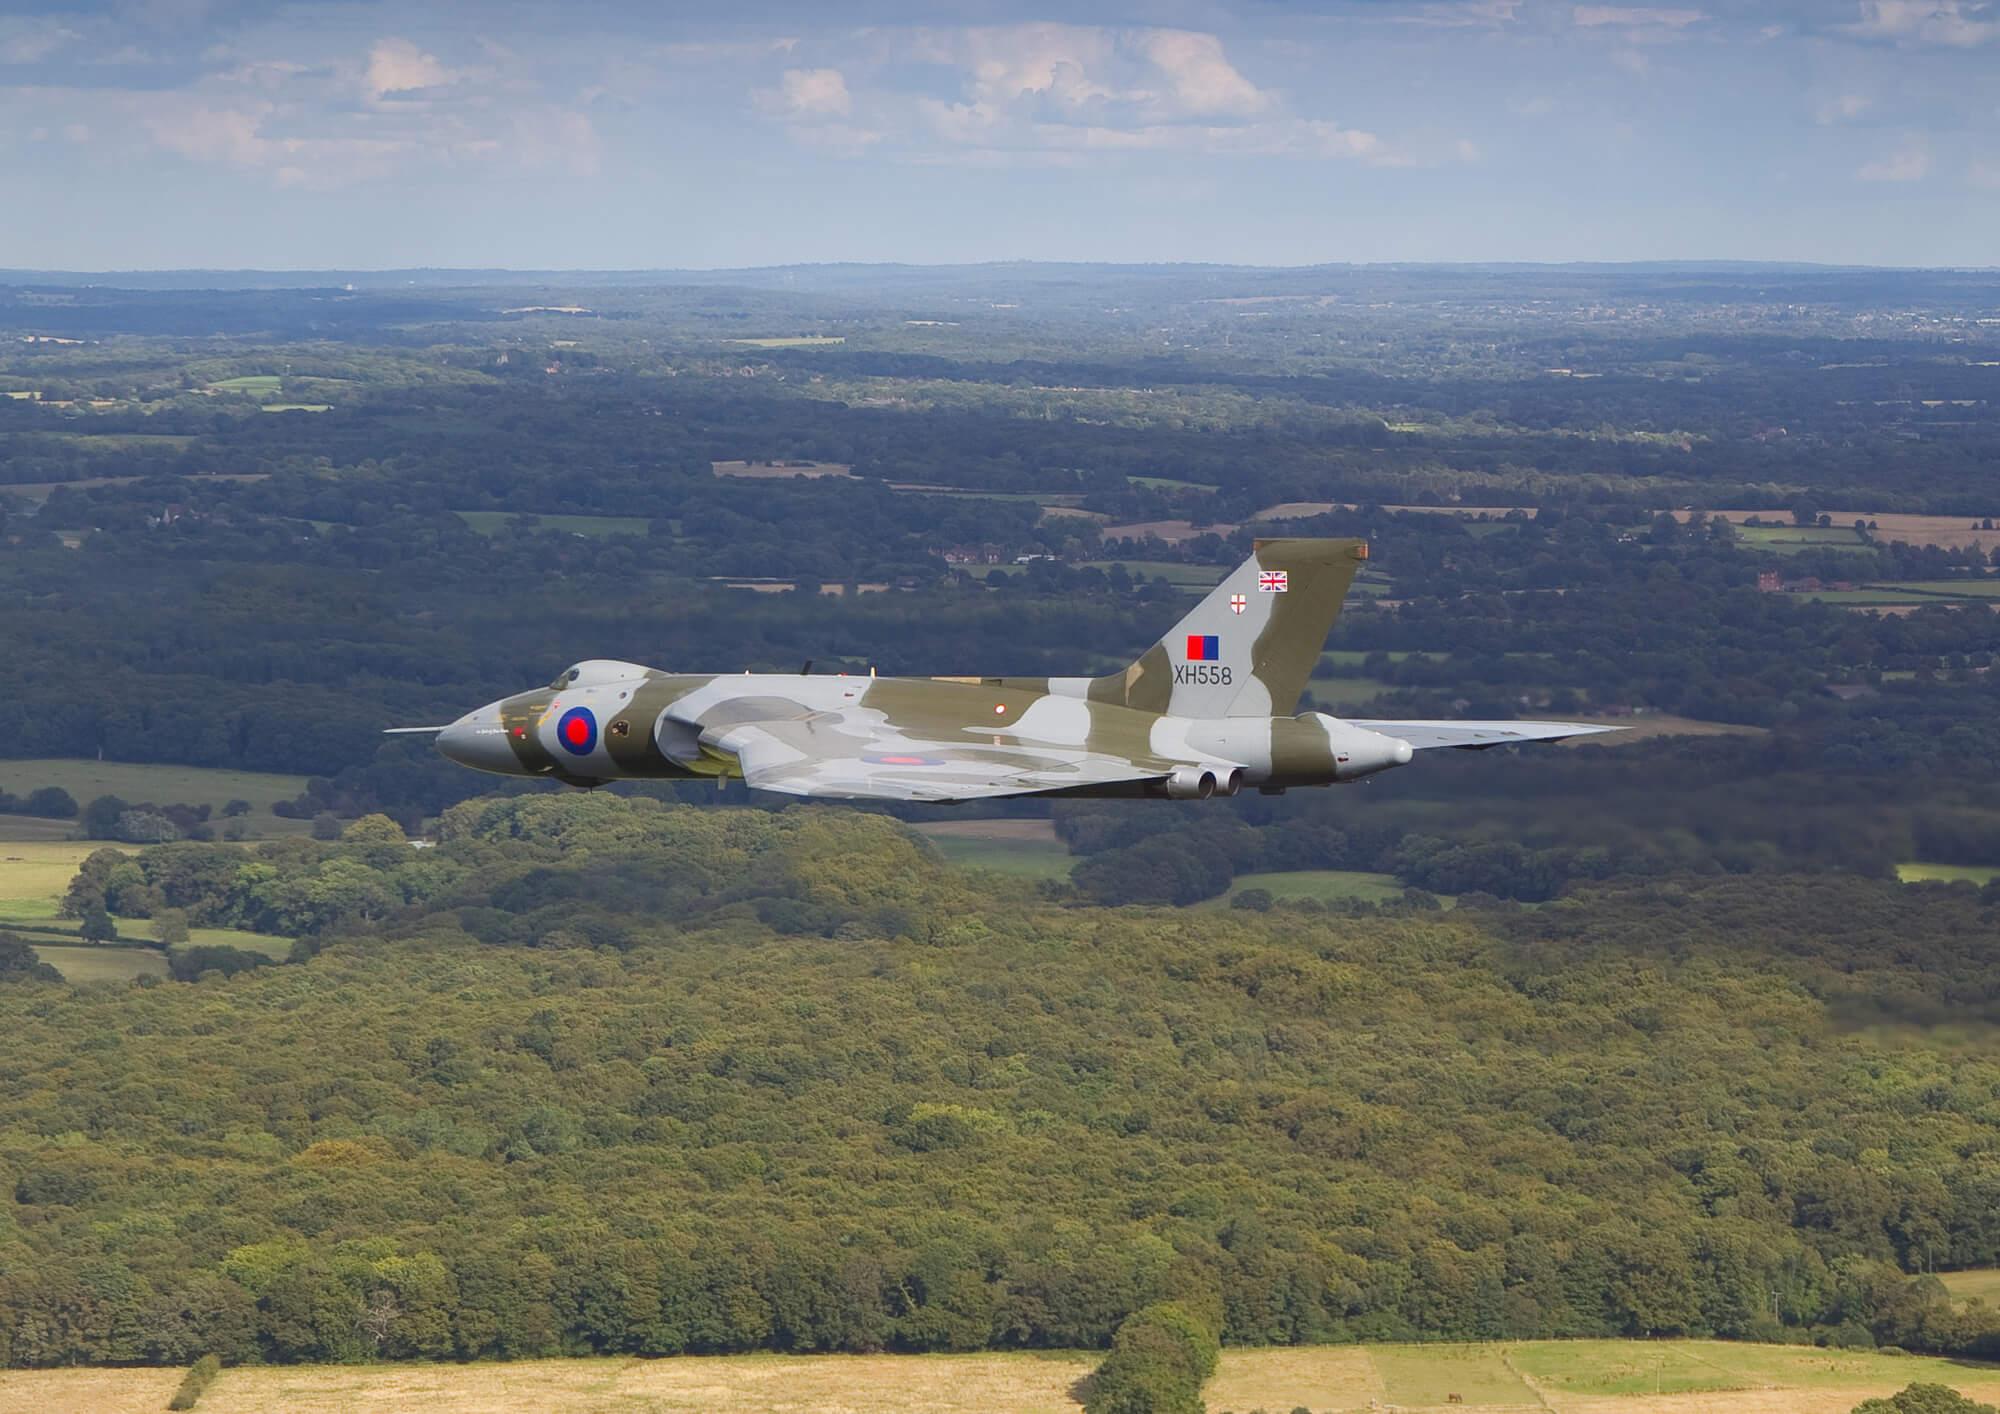 Avro vulcan bomber over countryside wall mural wallsauce uk - Vulcan wallpaper ...